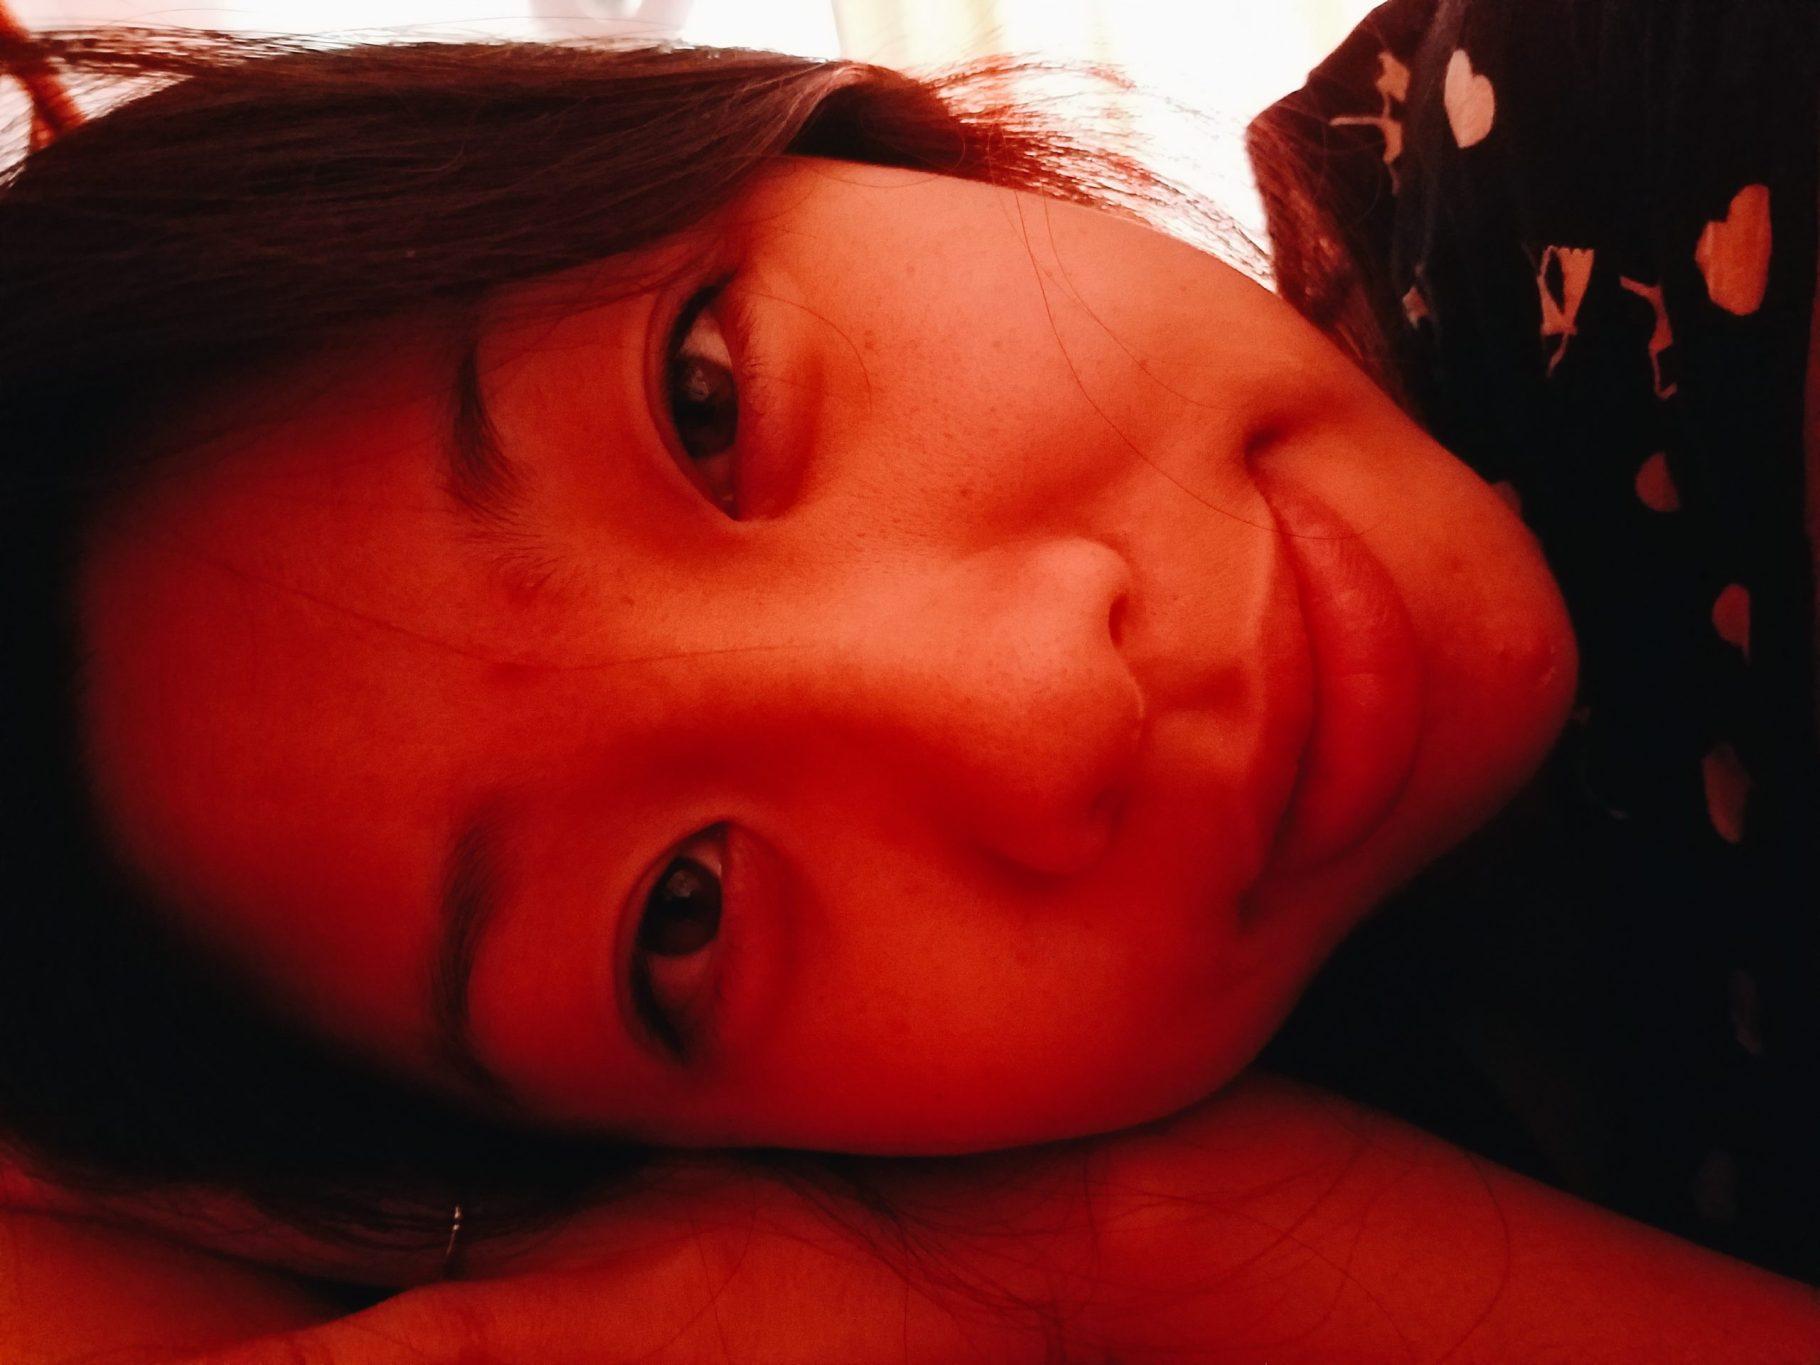 Cindy lying side me in bed; phone; berlin